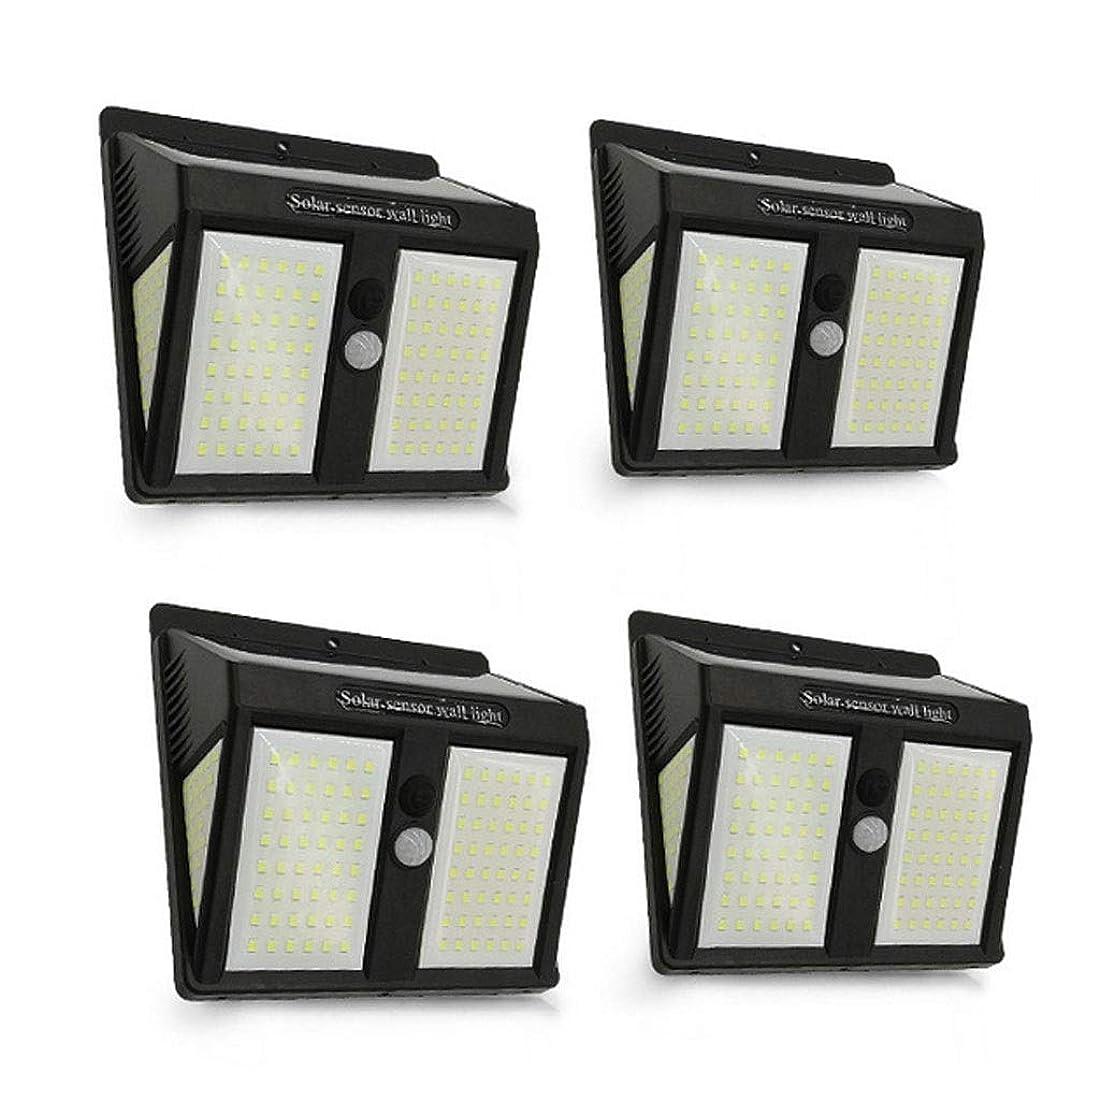 焦げ大きさハンディキャップ46 LEDソーラーセキュリティライトソーラーモーションセンサーライトソーラーパワードライト防水ウォールライト3モード付きガーデン、フェンス、4パック